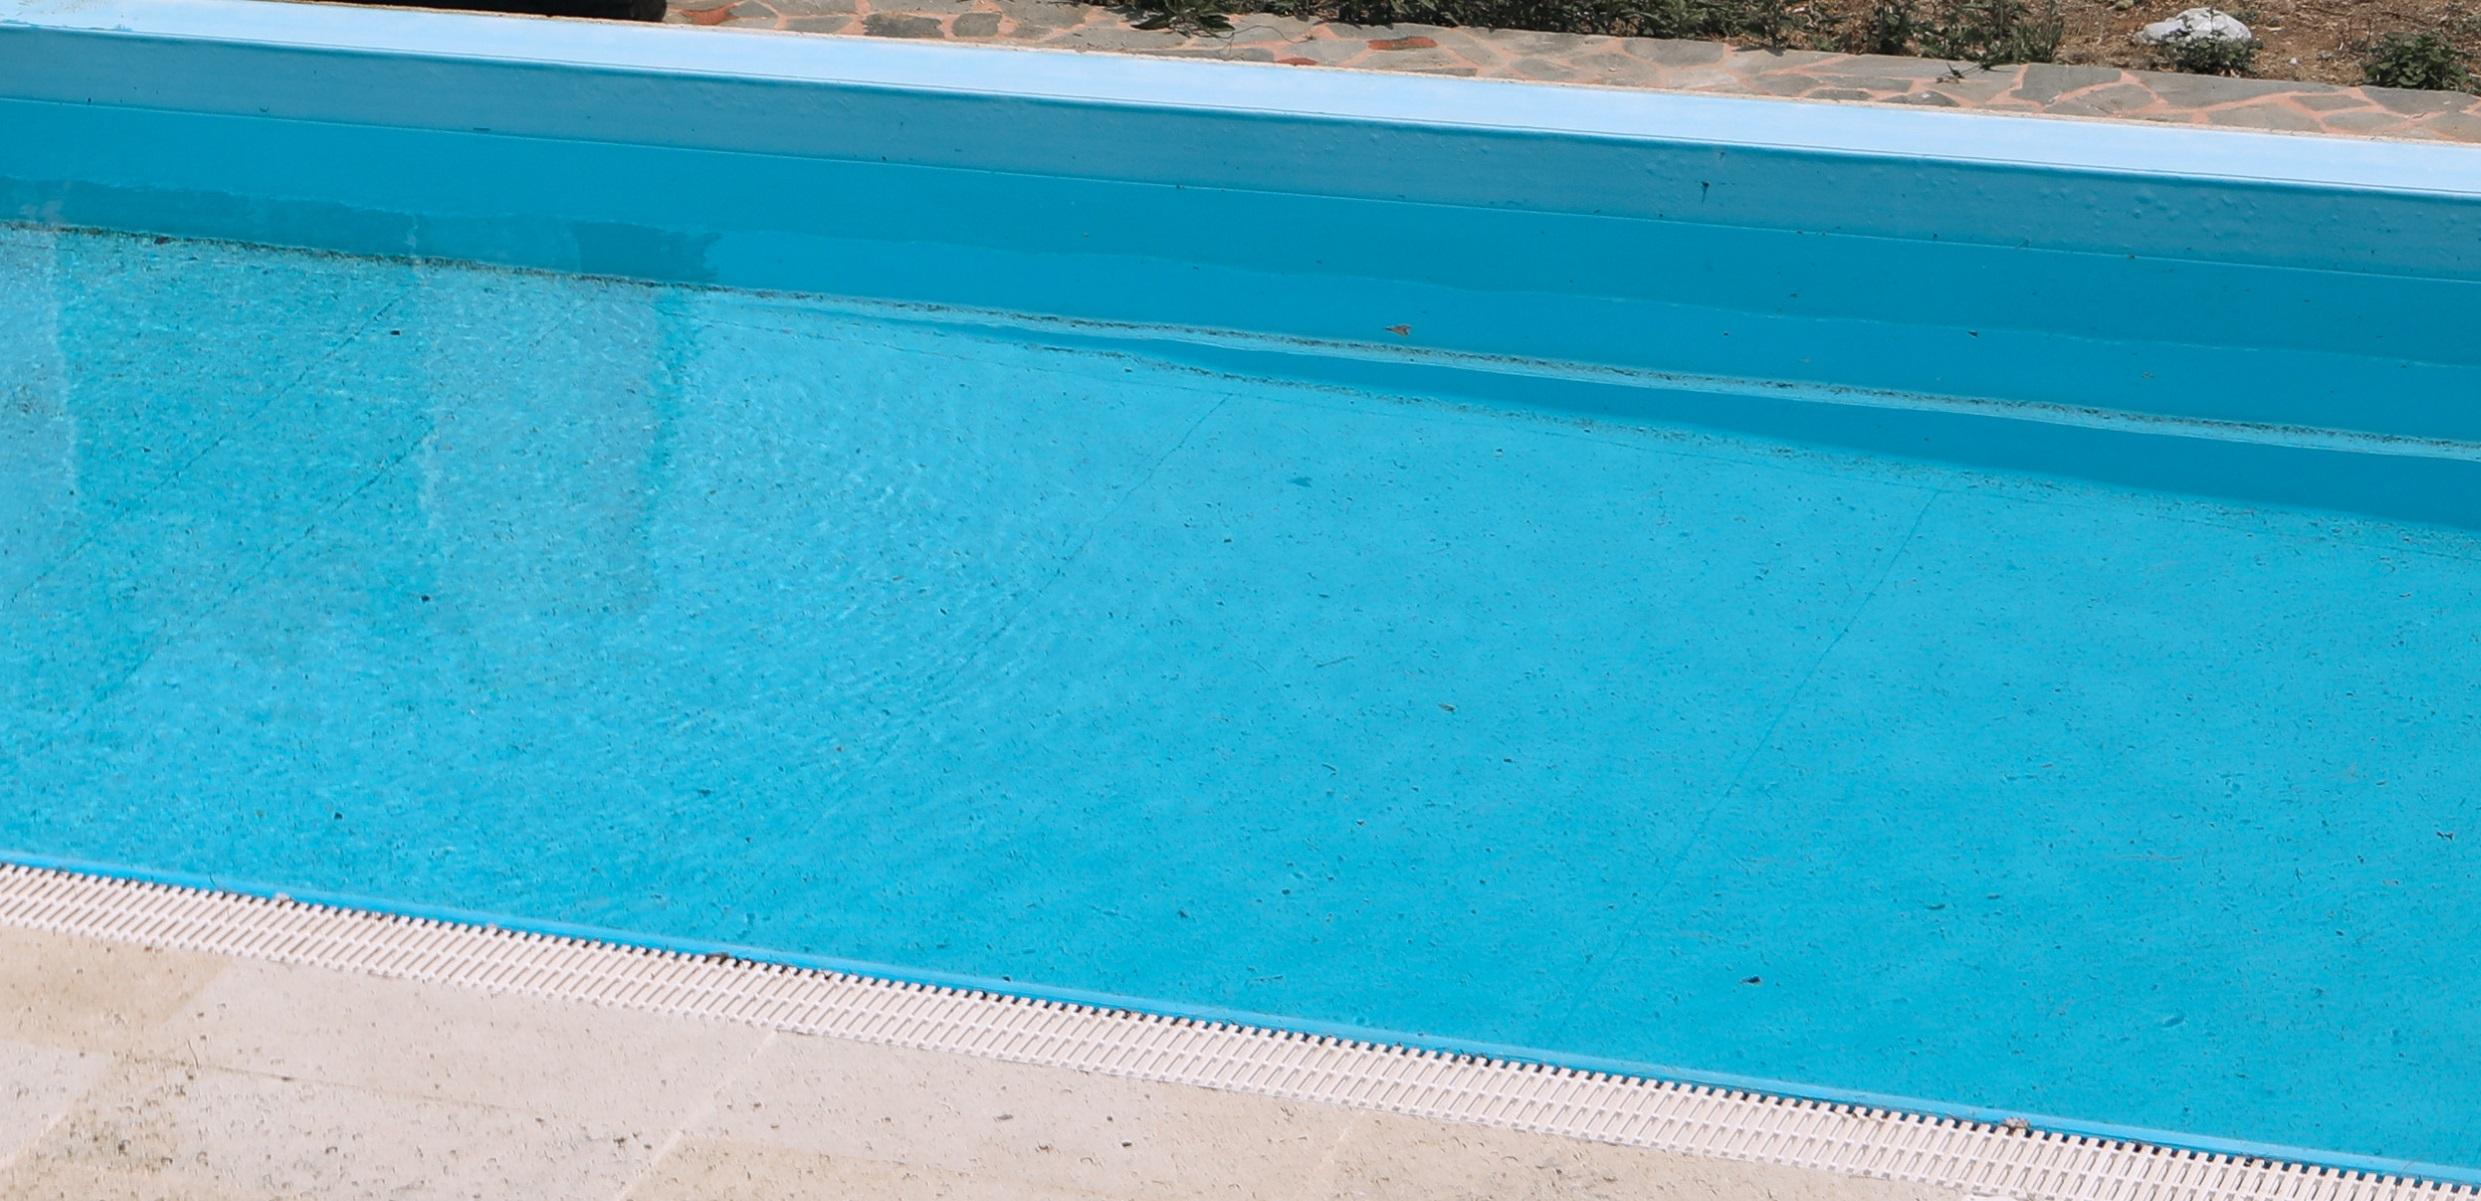 Σοκ στην Αχαΐα: Παιδί χωρίς τις αισθήσεις του σε πισίνα – Μάχη για να κρατηθεί ζωντανό